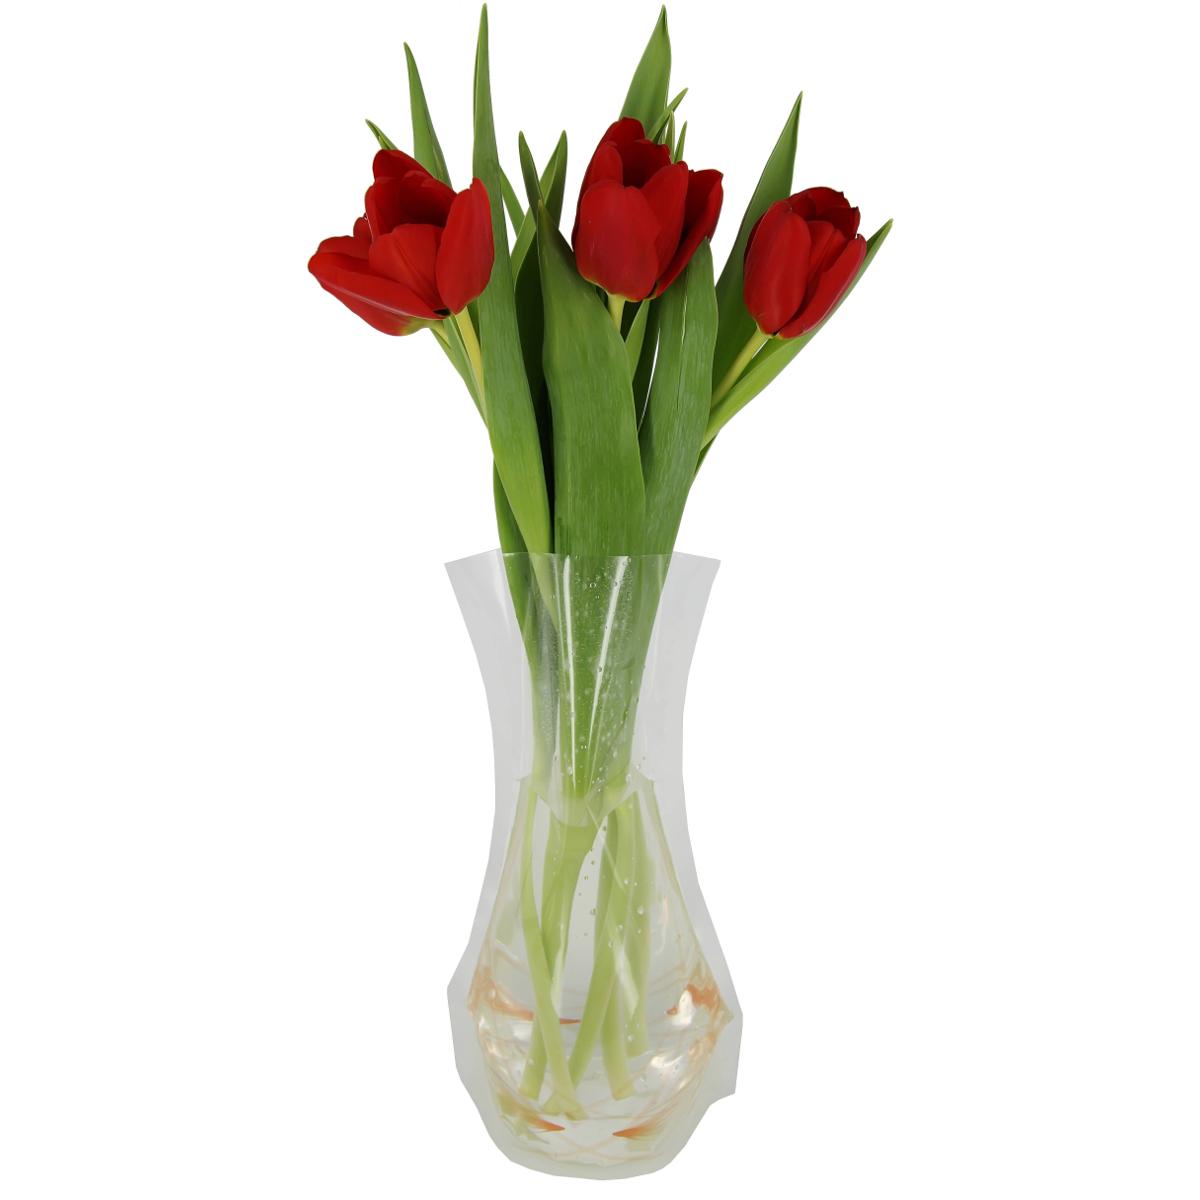 Ваза МастерПроф Золотые линии, пластичная, 1,2 лHS.040026Пластичная ваза Золотые линии легко складывается, удобно хранится - занимает мало места, долго служит. Всегда пригодится дома, в офисе, на даче, для оформления различных мероприятий. Отлично подойдет для перевозки цветов, или просто в подарок.Инструкция: 1. Наполните вазу теплой водой;2. Дно и стенки расправятся;3. Вылейте воду;4. Наполните вазу холодной водой;5. Вставьте цветы.Меры предосторожности:Хранить вдали от источников тепла и яркого солнечного света. С осторожностью применять для растений с длинными стеблями и с крупными соцветиями, что бы избежать опрокидывания вазы.